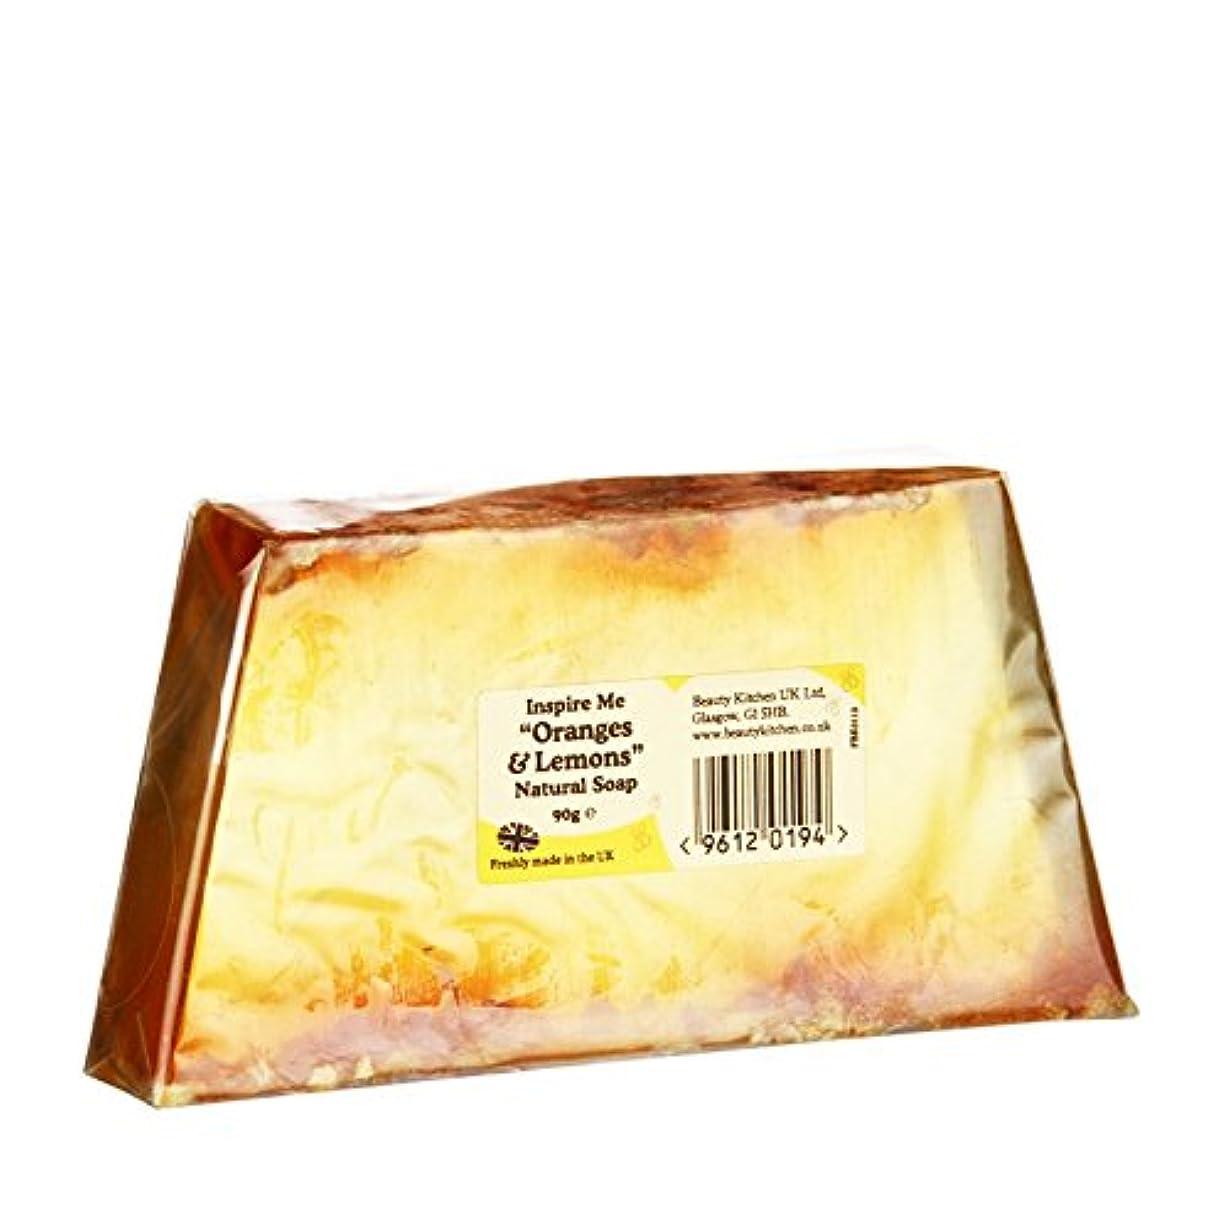 精査香り位置づけるBeauty Kitchen Inspire Me Orange & Lemon Natural Soap 90g (Pack of 2) - 美しさのキッチンは私がオレンジ&レモンの天然石鹸90グラム鼓舞します (x2) [並行輸入品]